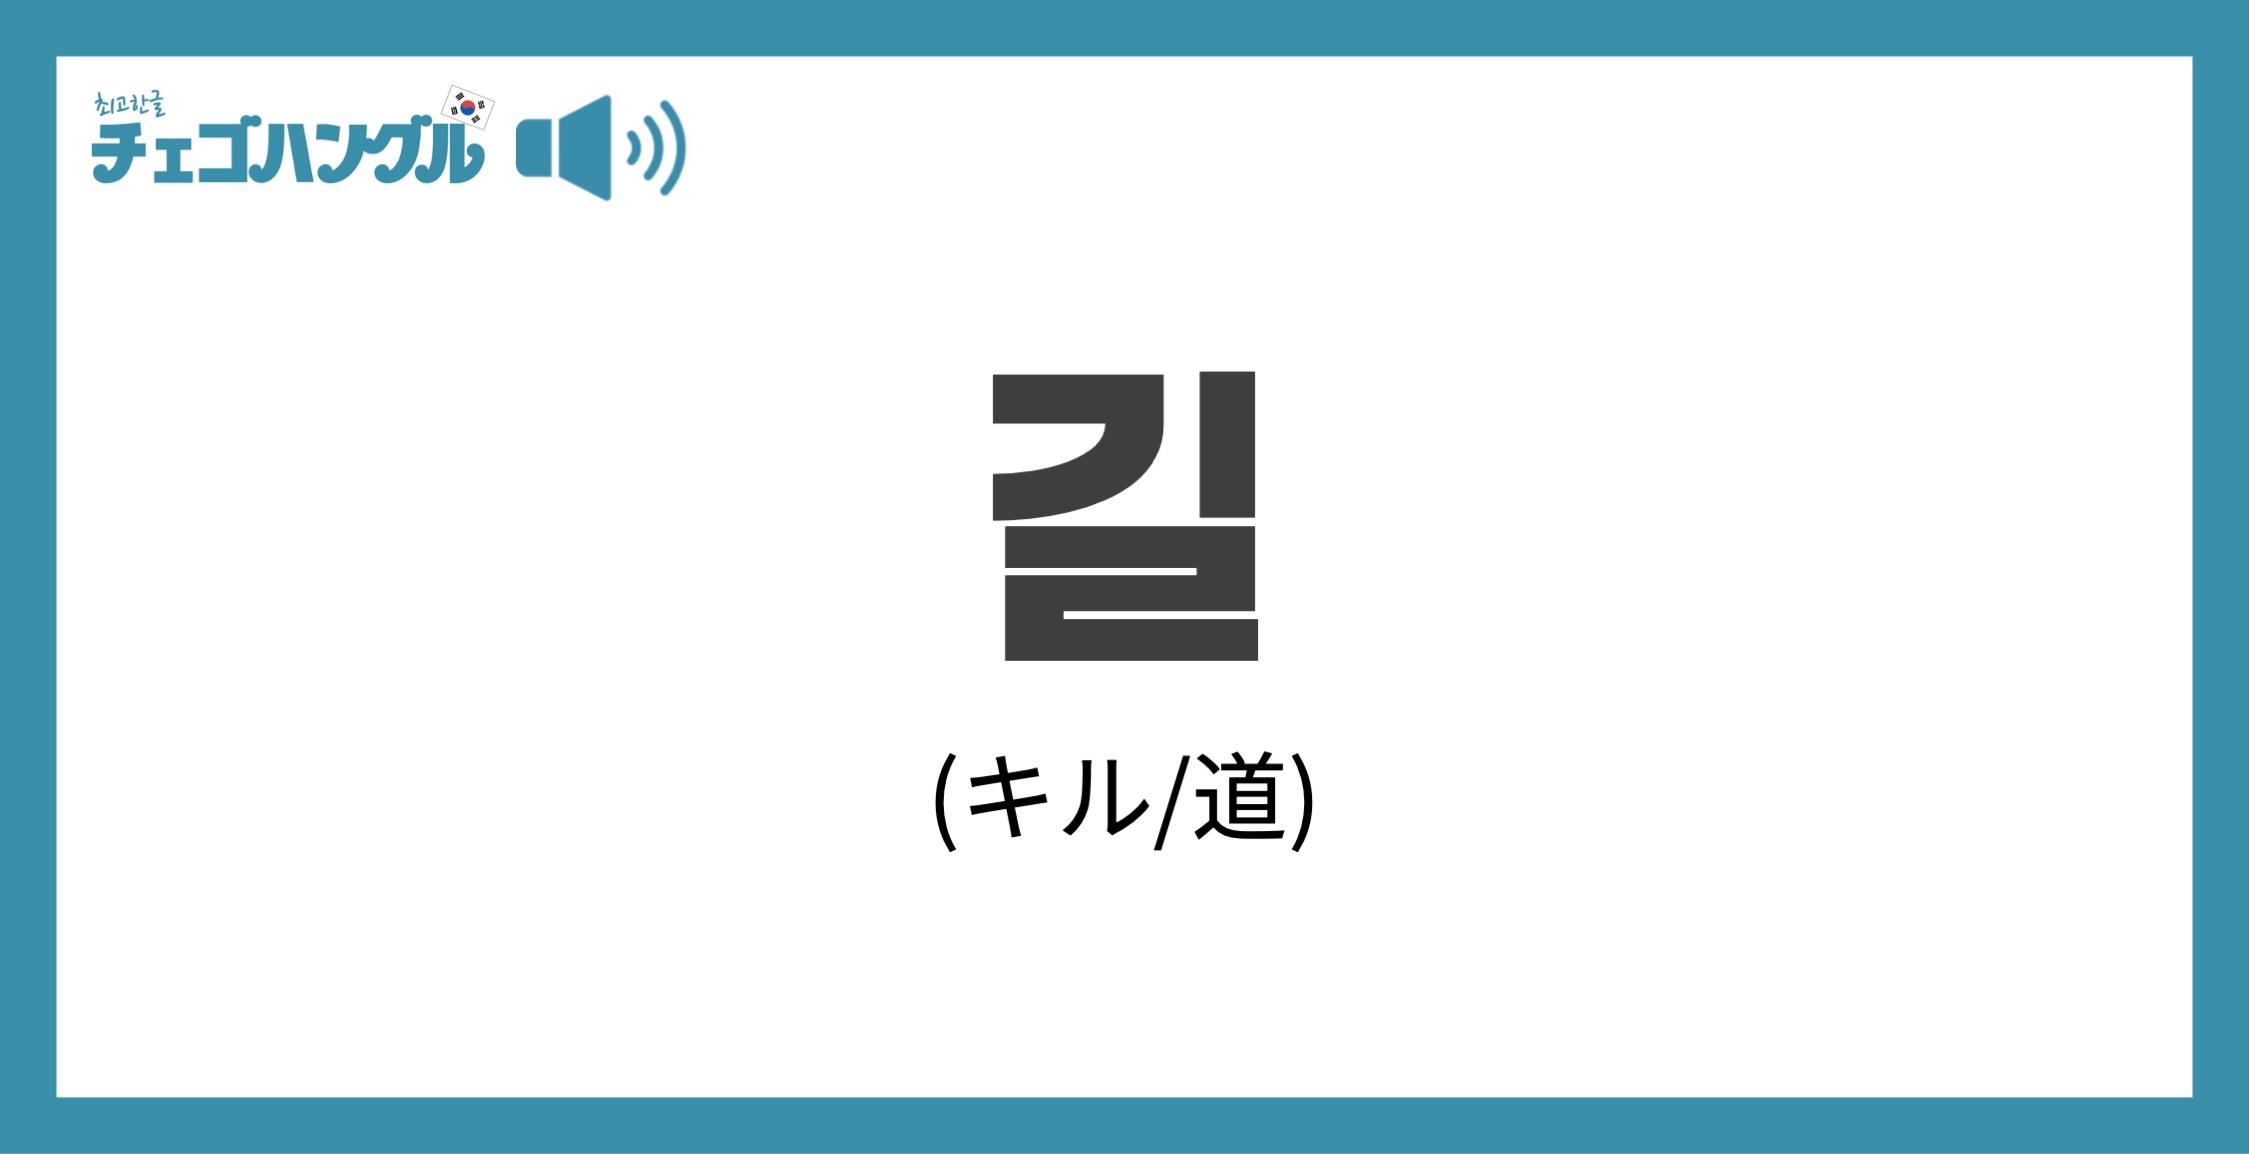 韓国語で「道」を表す「길(キル)」について優しく解説